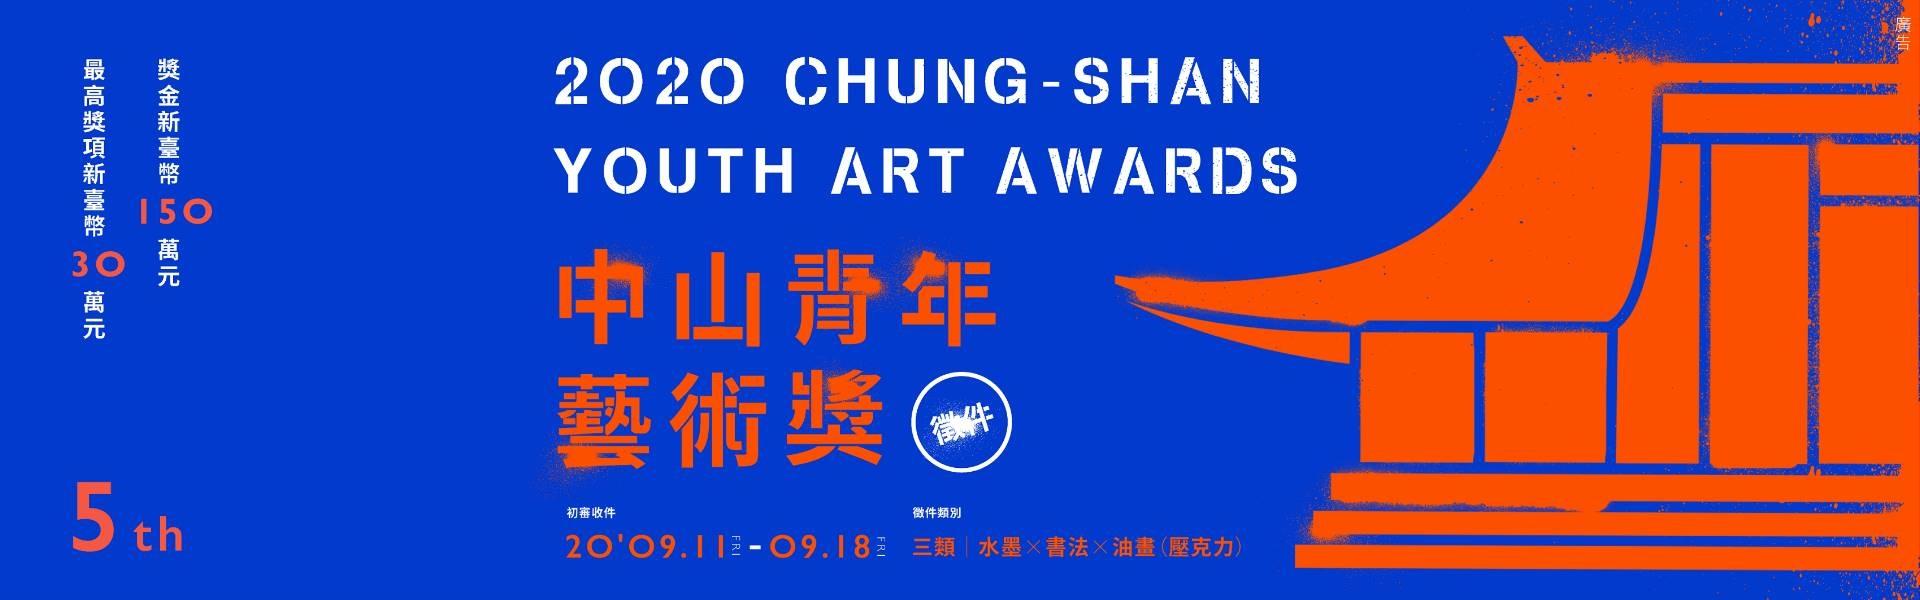 2020年「中山青年藝術獎」競賽徵件活動「另開新視窗」